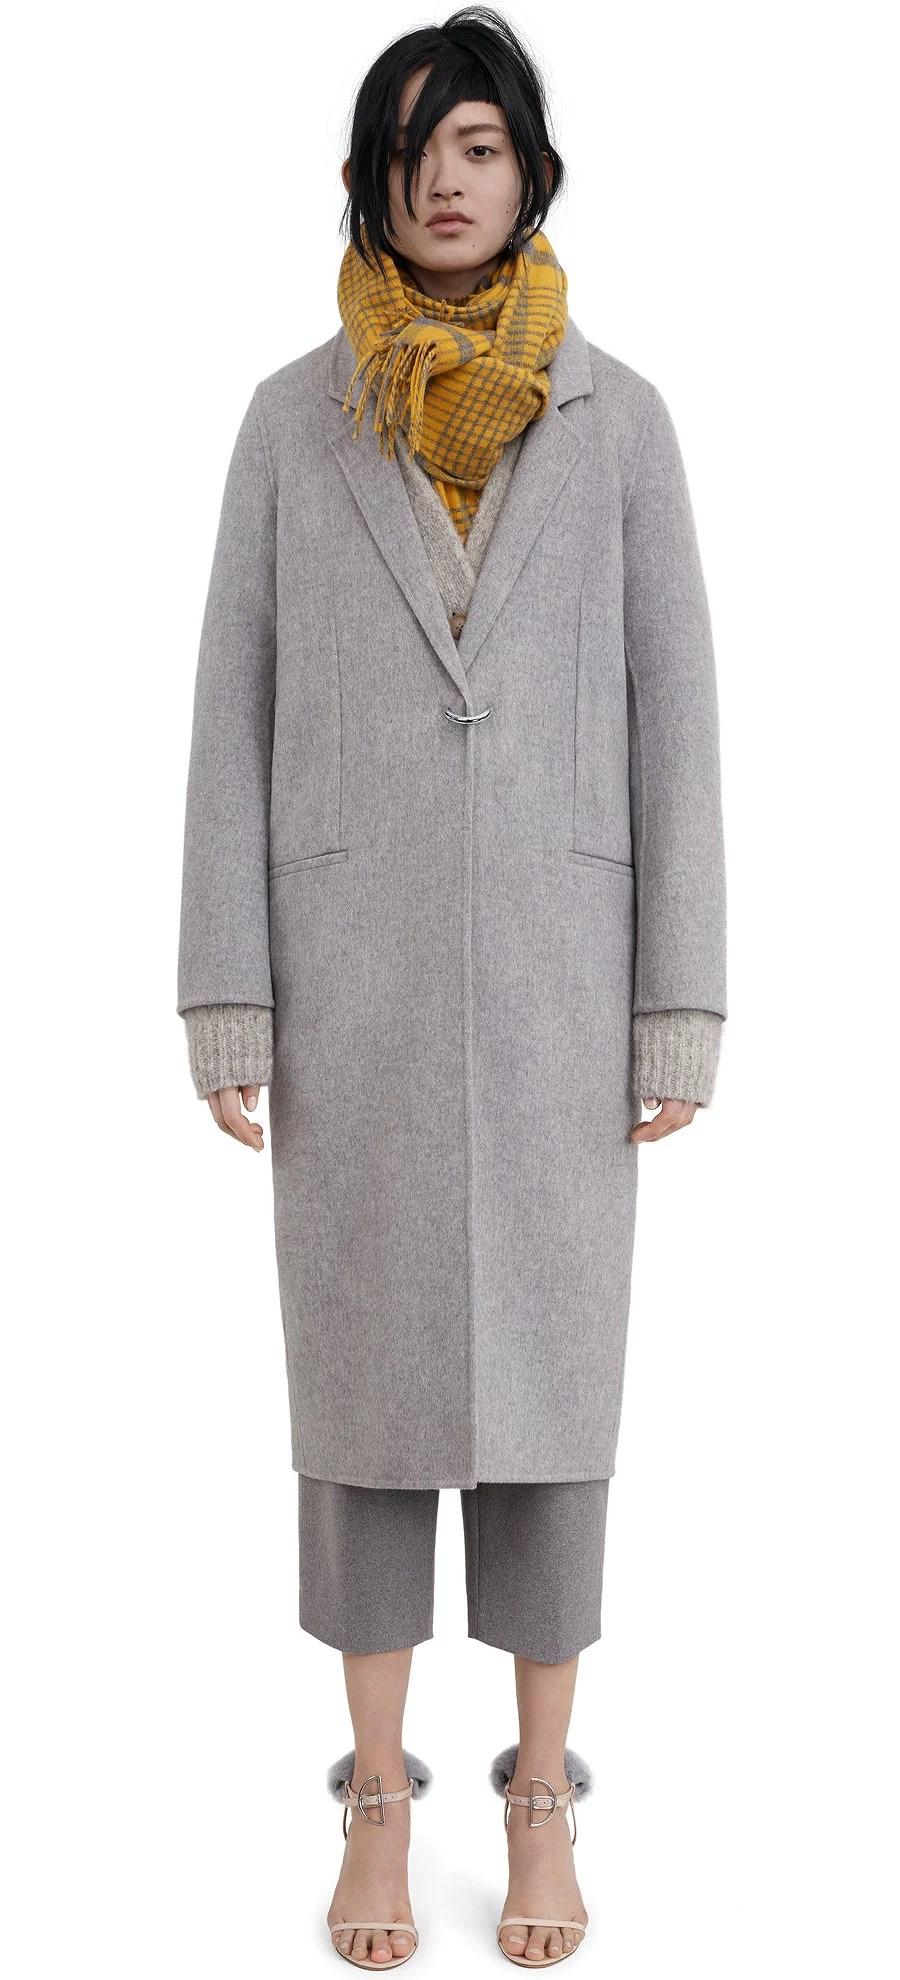 It's ok, I got my coat